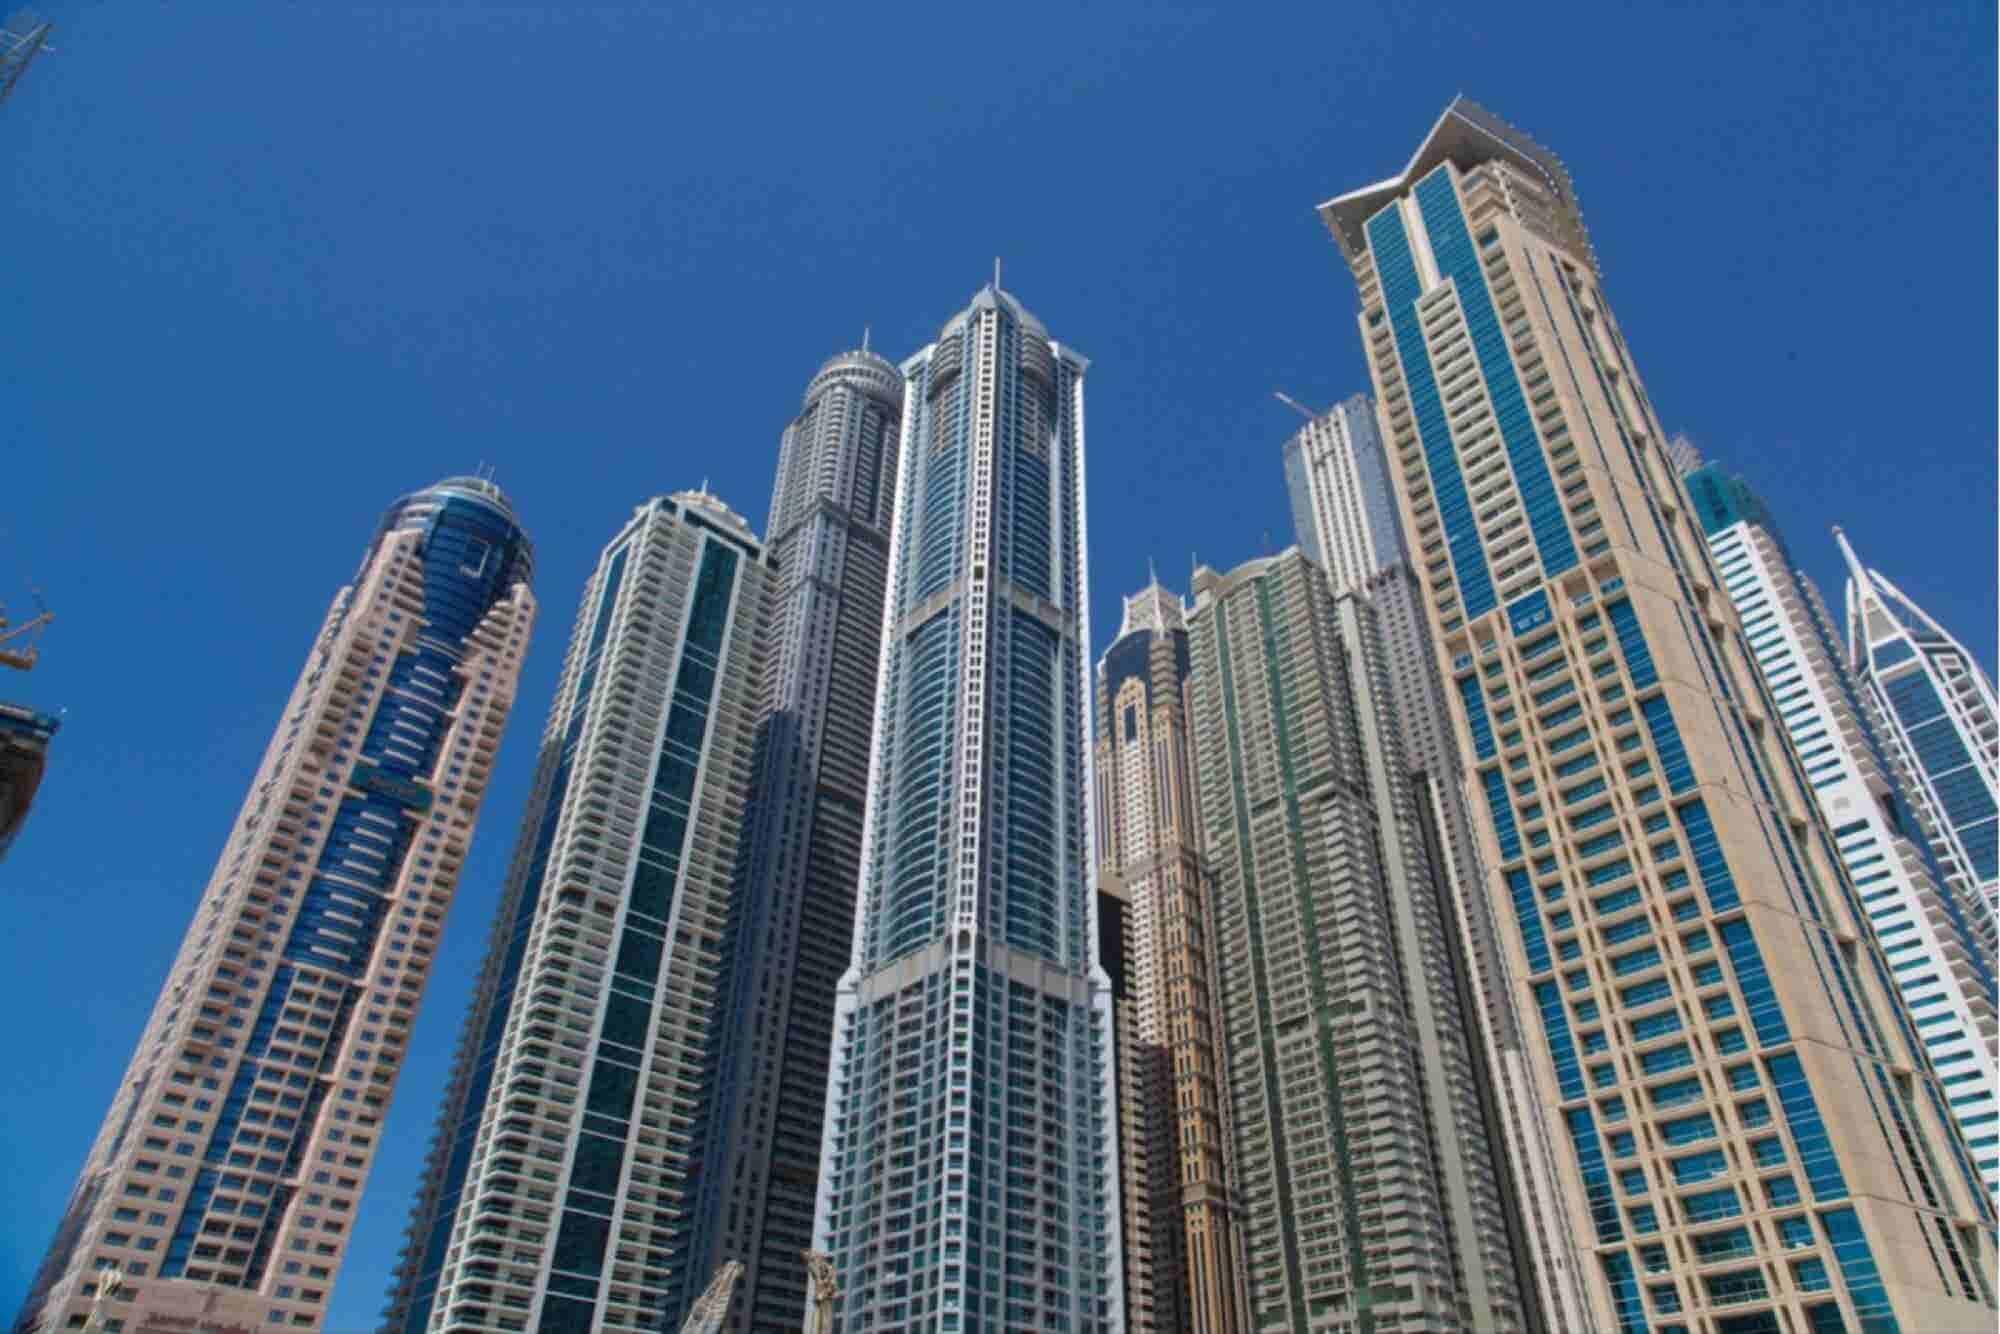 Real Estate - Market Rate VS Circle Rate